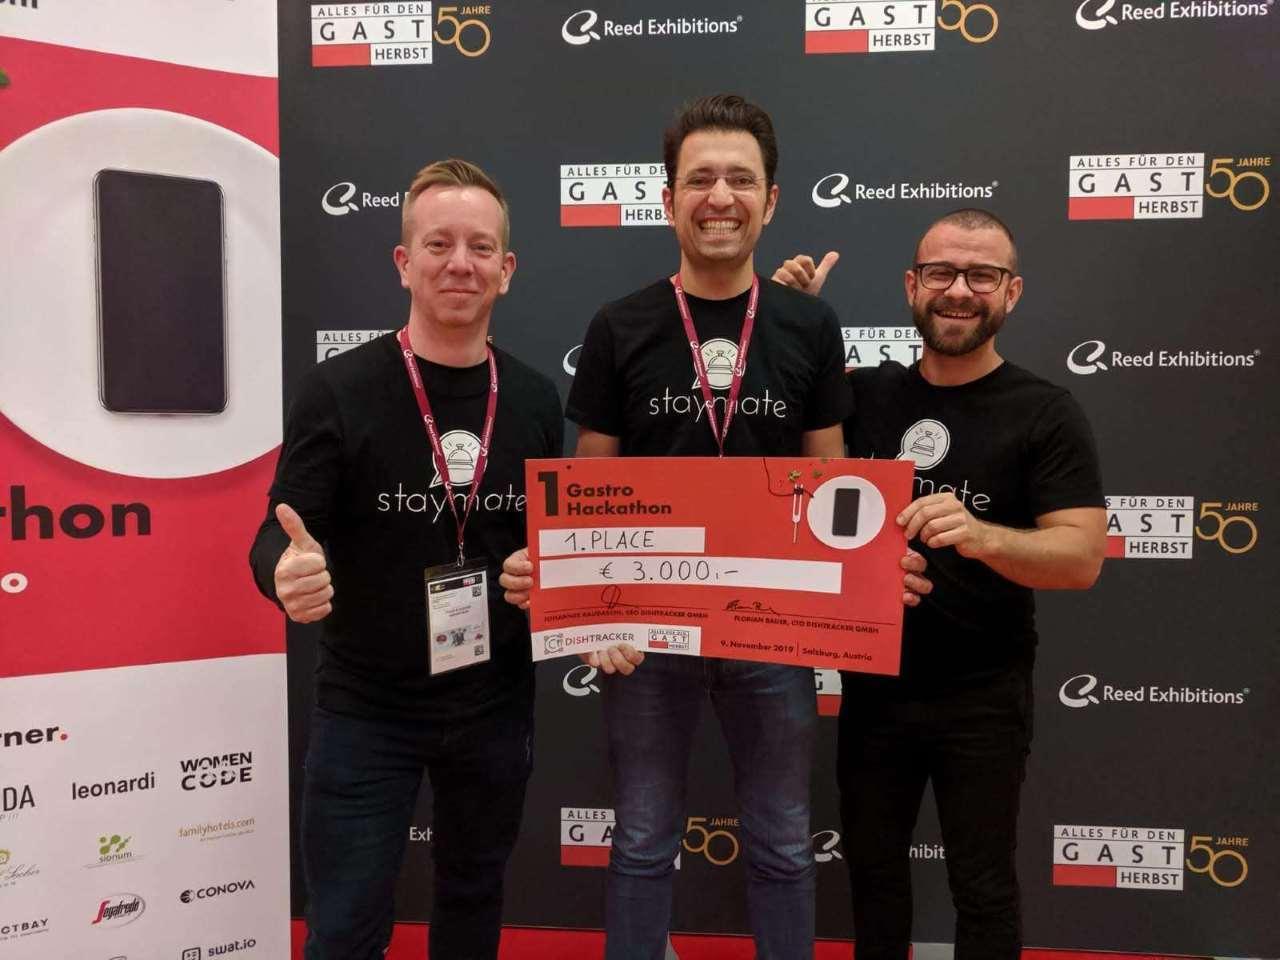 1. Platz beim Gastro Hackathon